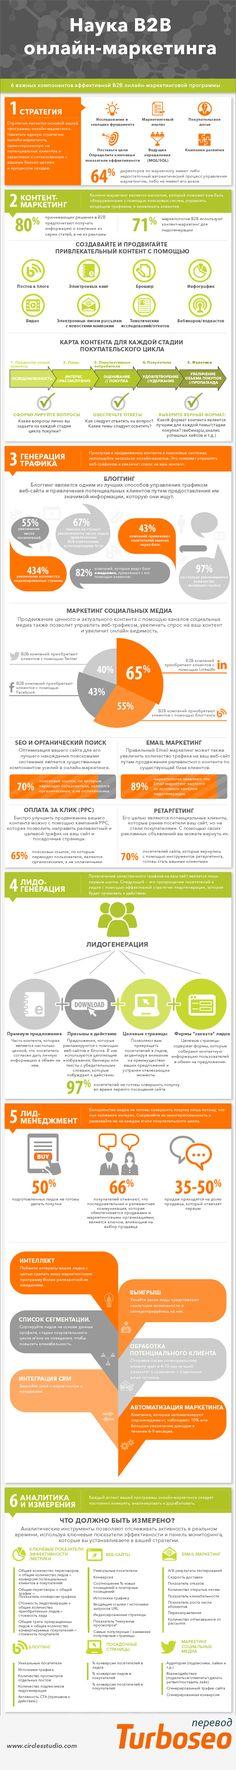 6 важных компонентнов эффективного B2B маркетинга